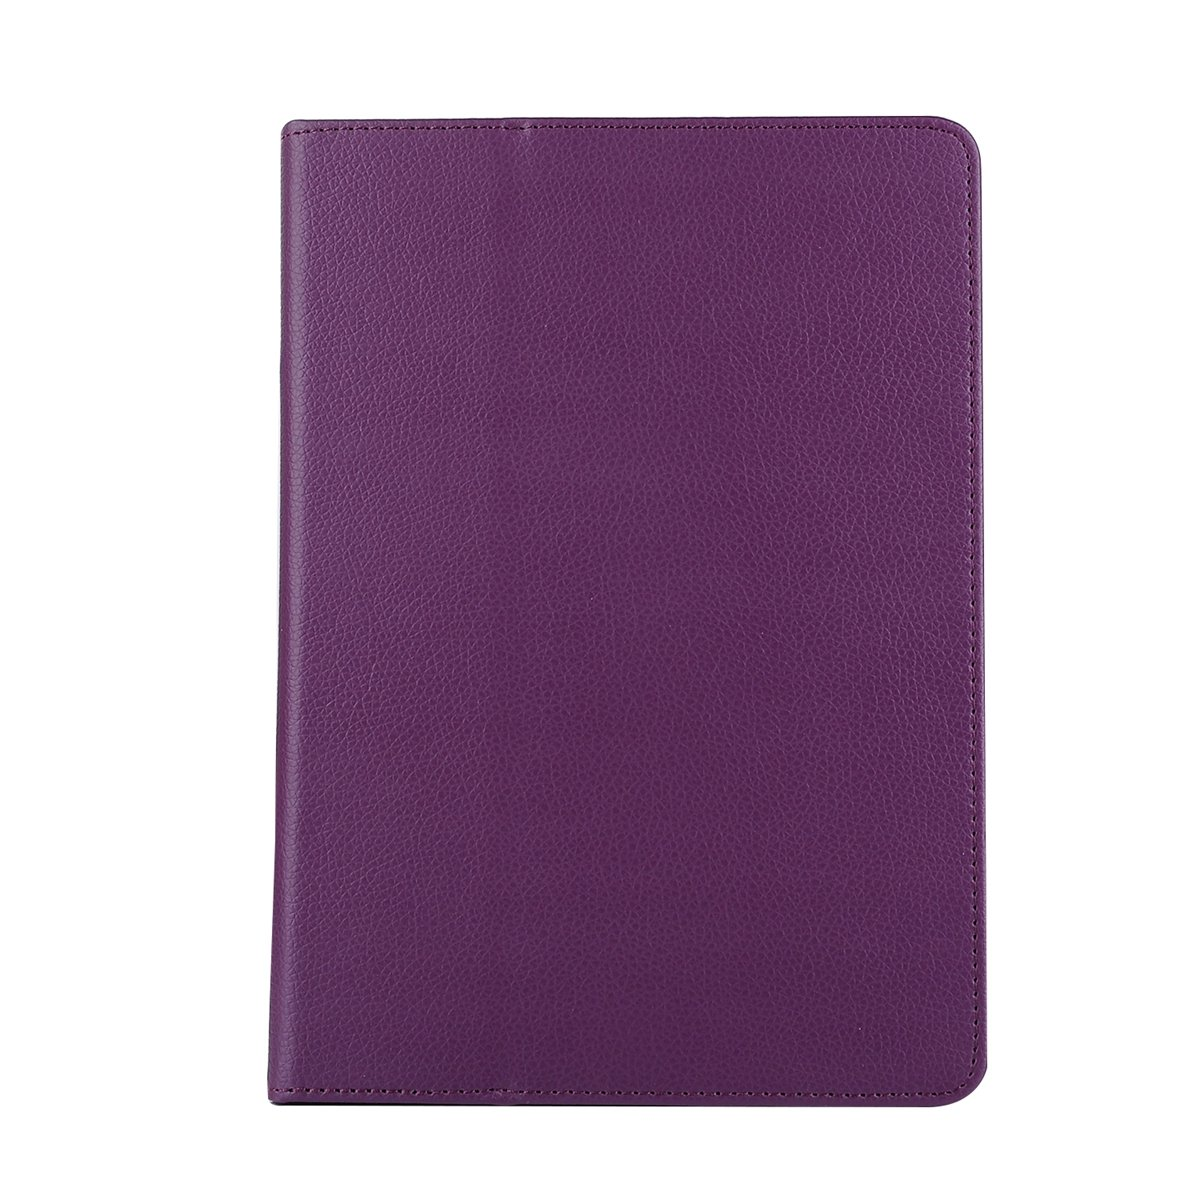 【爆買い!】 iPad プレミアム 9.7インチ 2017 プレミアム PUレザー フリップケース パープル パープル M9G0-6R-844 パープル iPad B07KRZZYTK, ヒカリシ:da058100 --- a0267596.xsph.ru